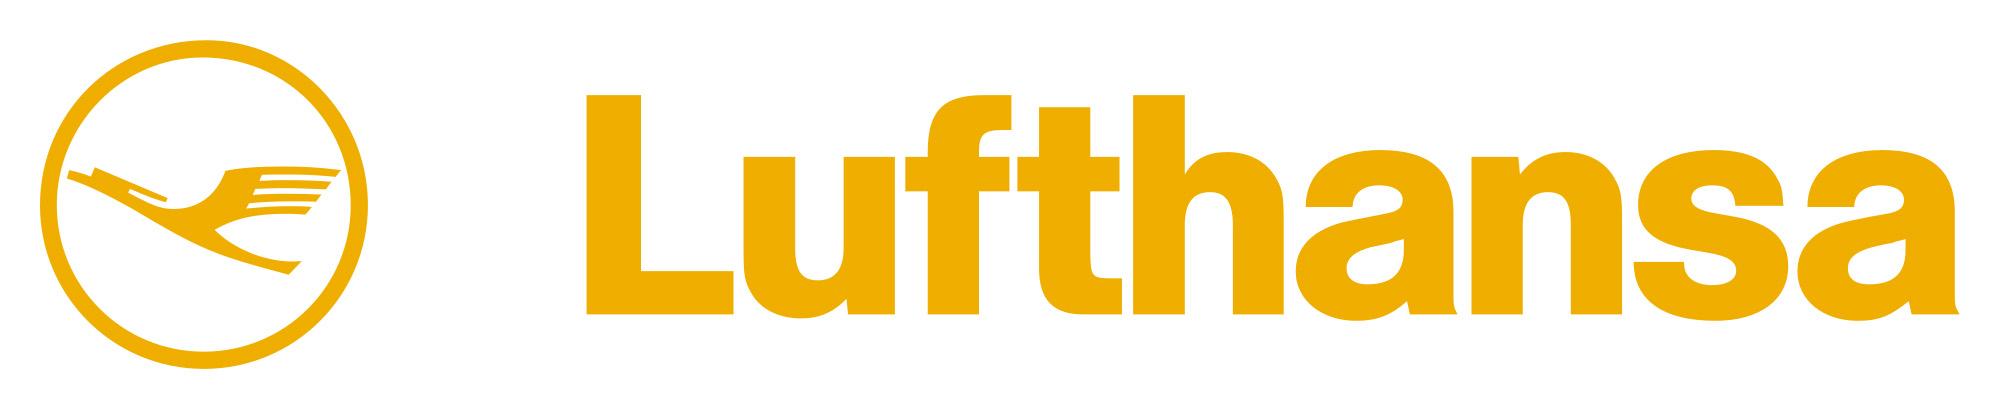 Lufthansa-Logo Kopie